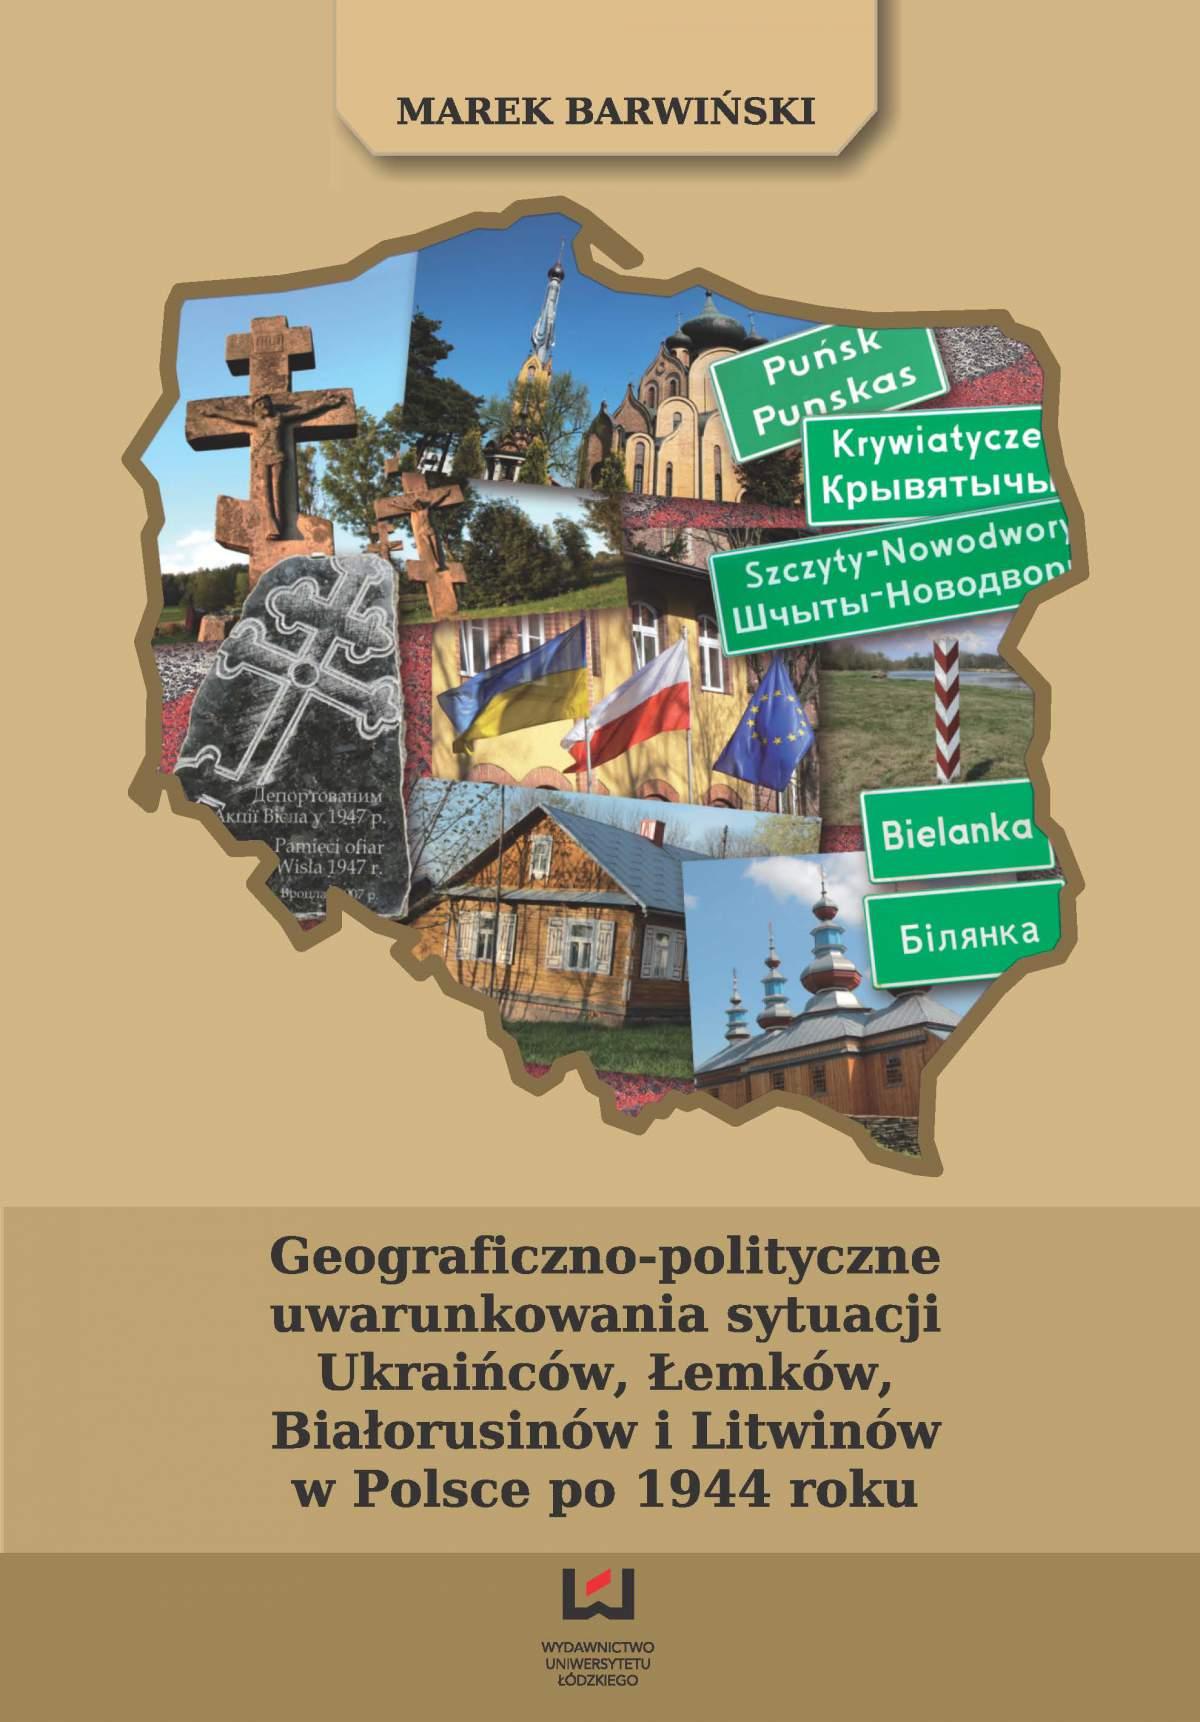 Geograficzno-polityczne uwarunkowania sytuacji Ukraińców, Łemków, Białorusinów i Litwinów w Polsce po 1944 roku - Ebook (Książka PDF) do pobrania w formacie PDF